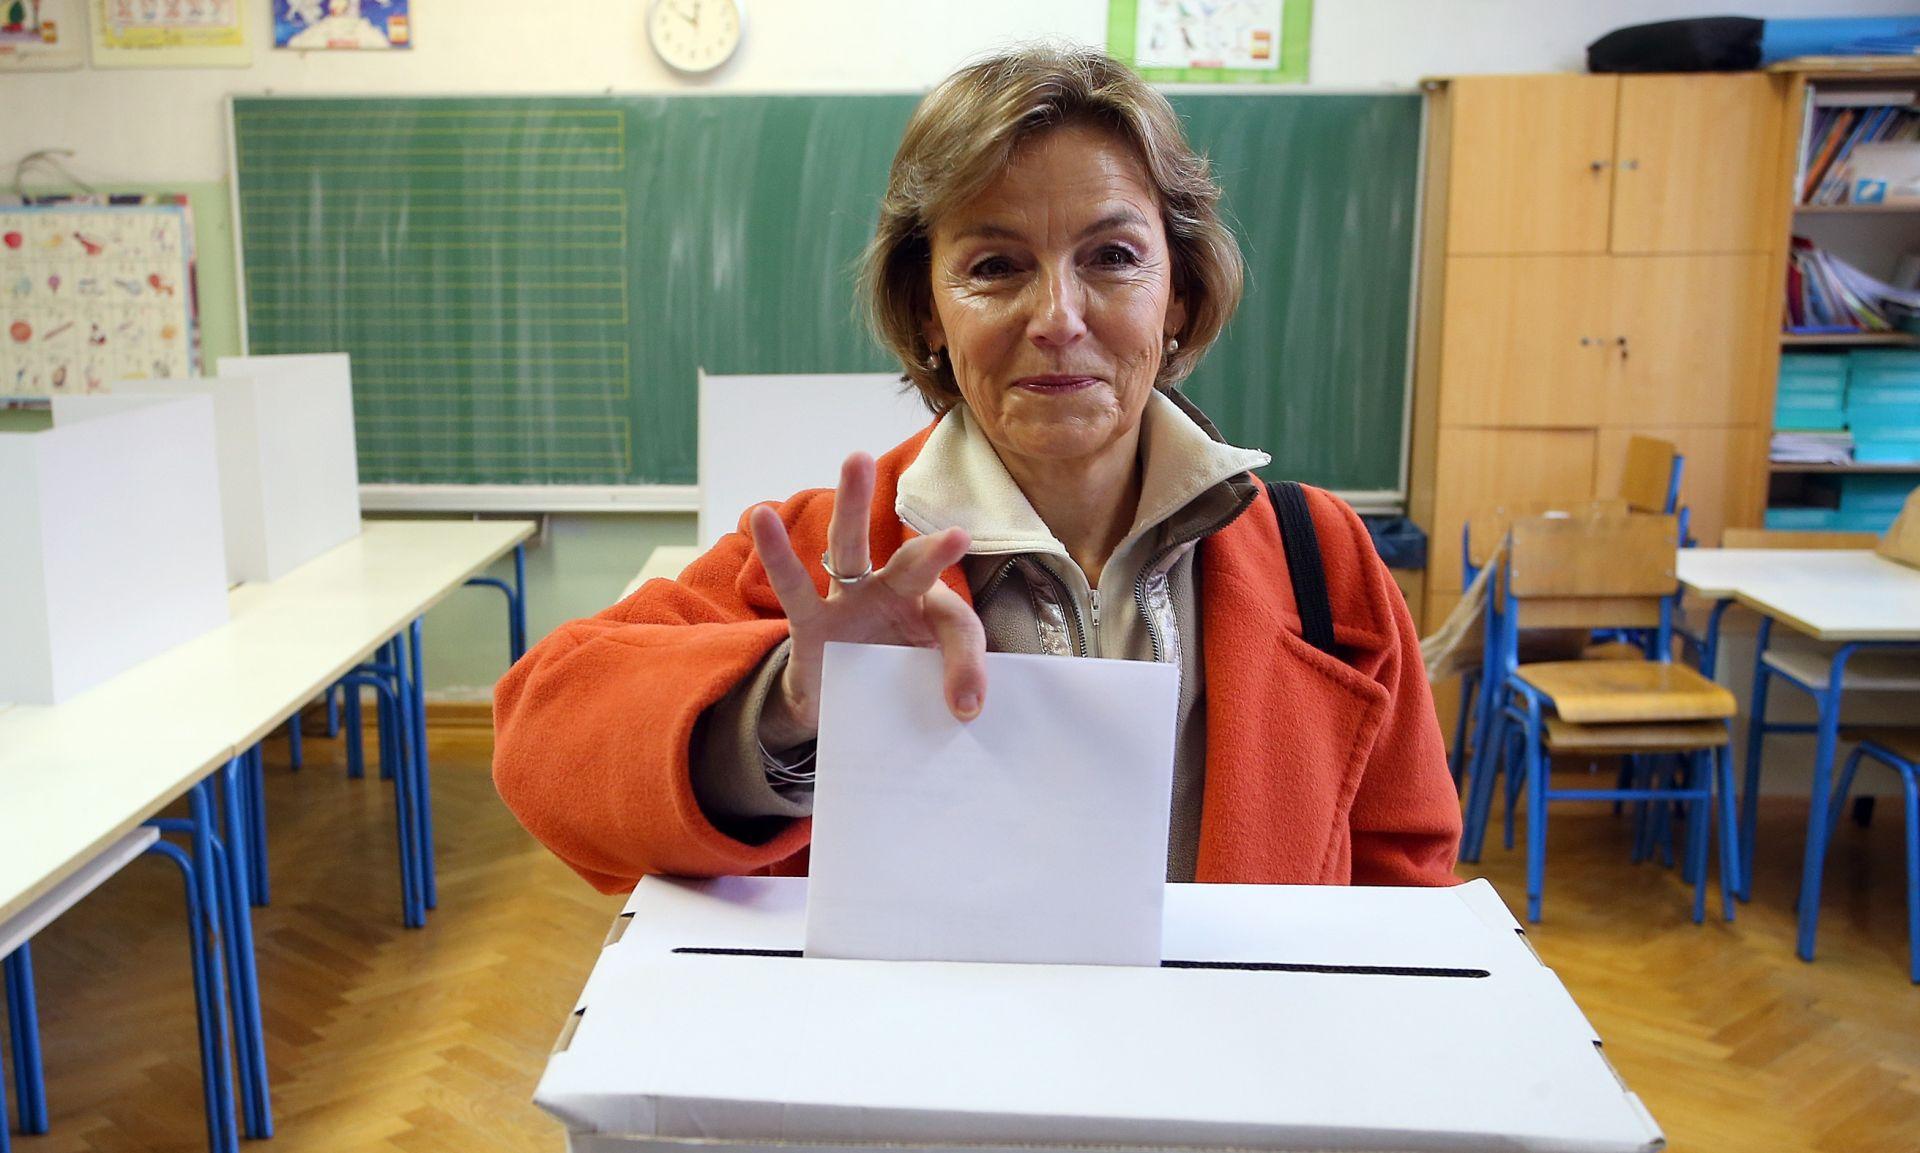 GLASOVALA I VESNA PUSIĆ: Važno je da što više ljudi izađe na izbore